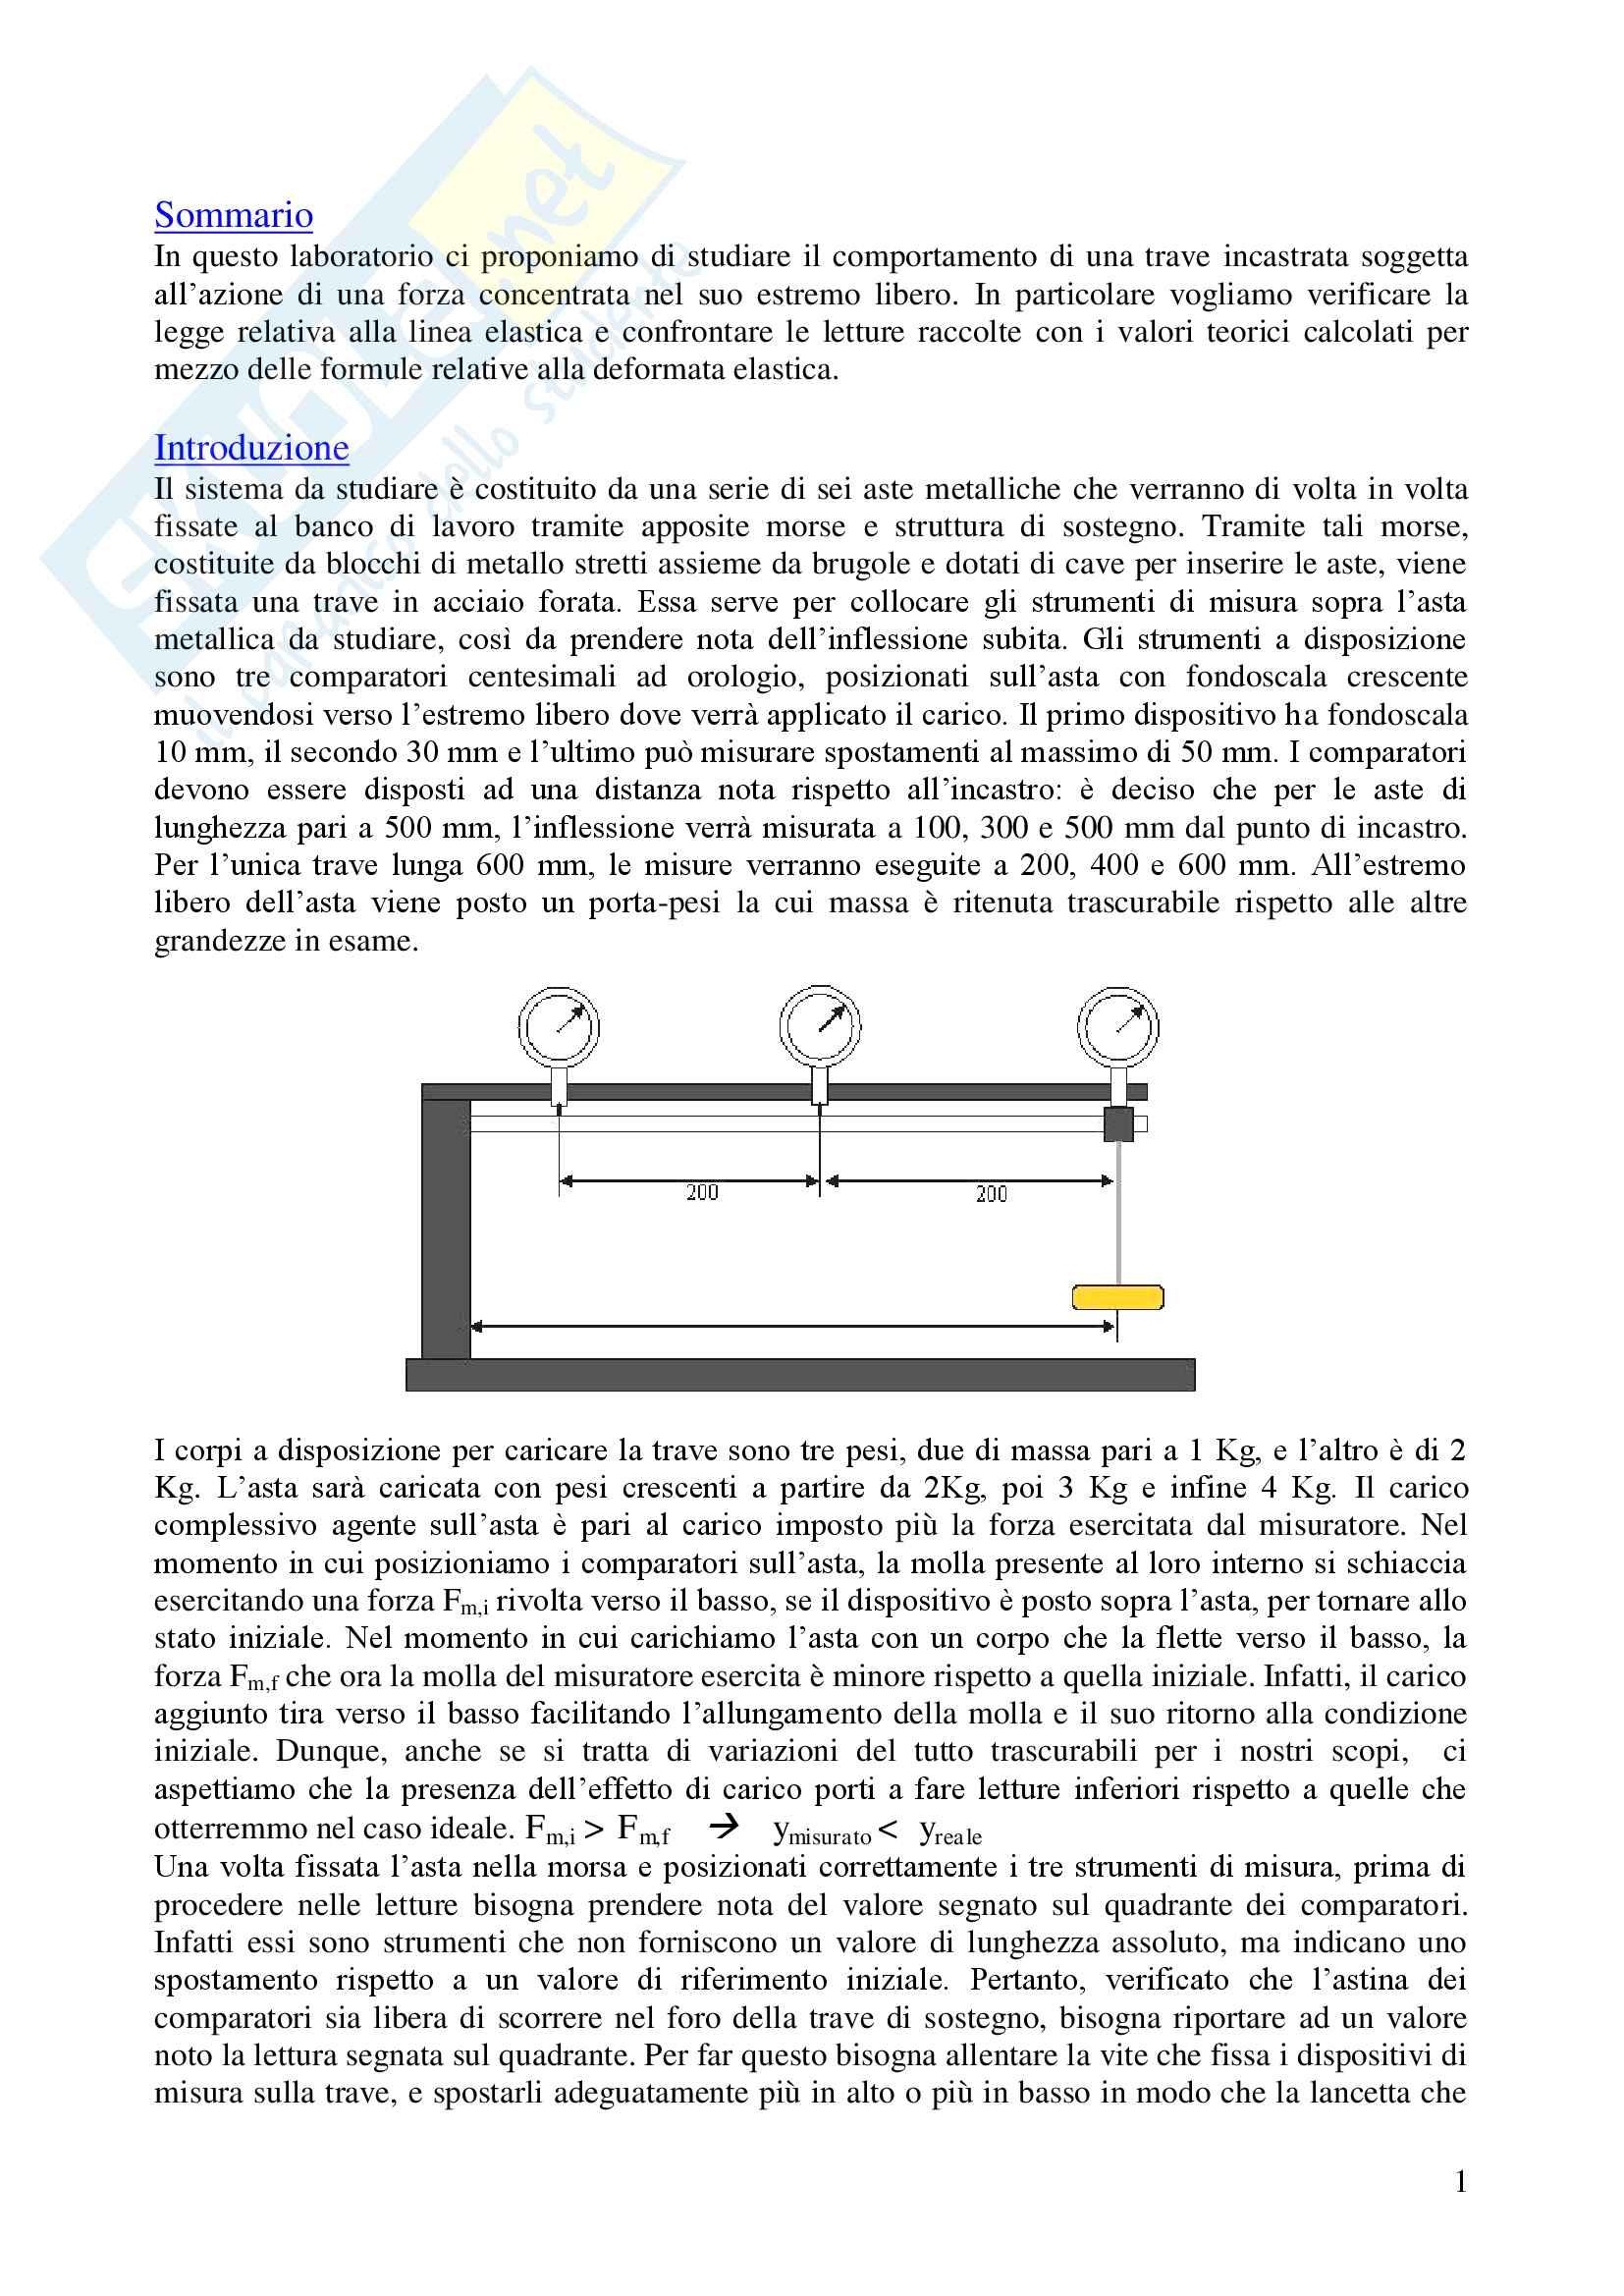 Studio della linea elastica di una trave sottoposta a un carico crescente Pag. 2